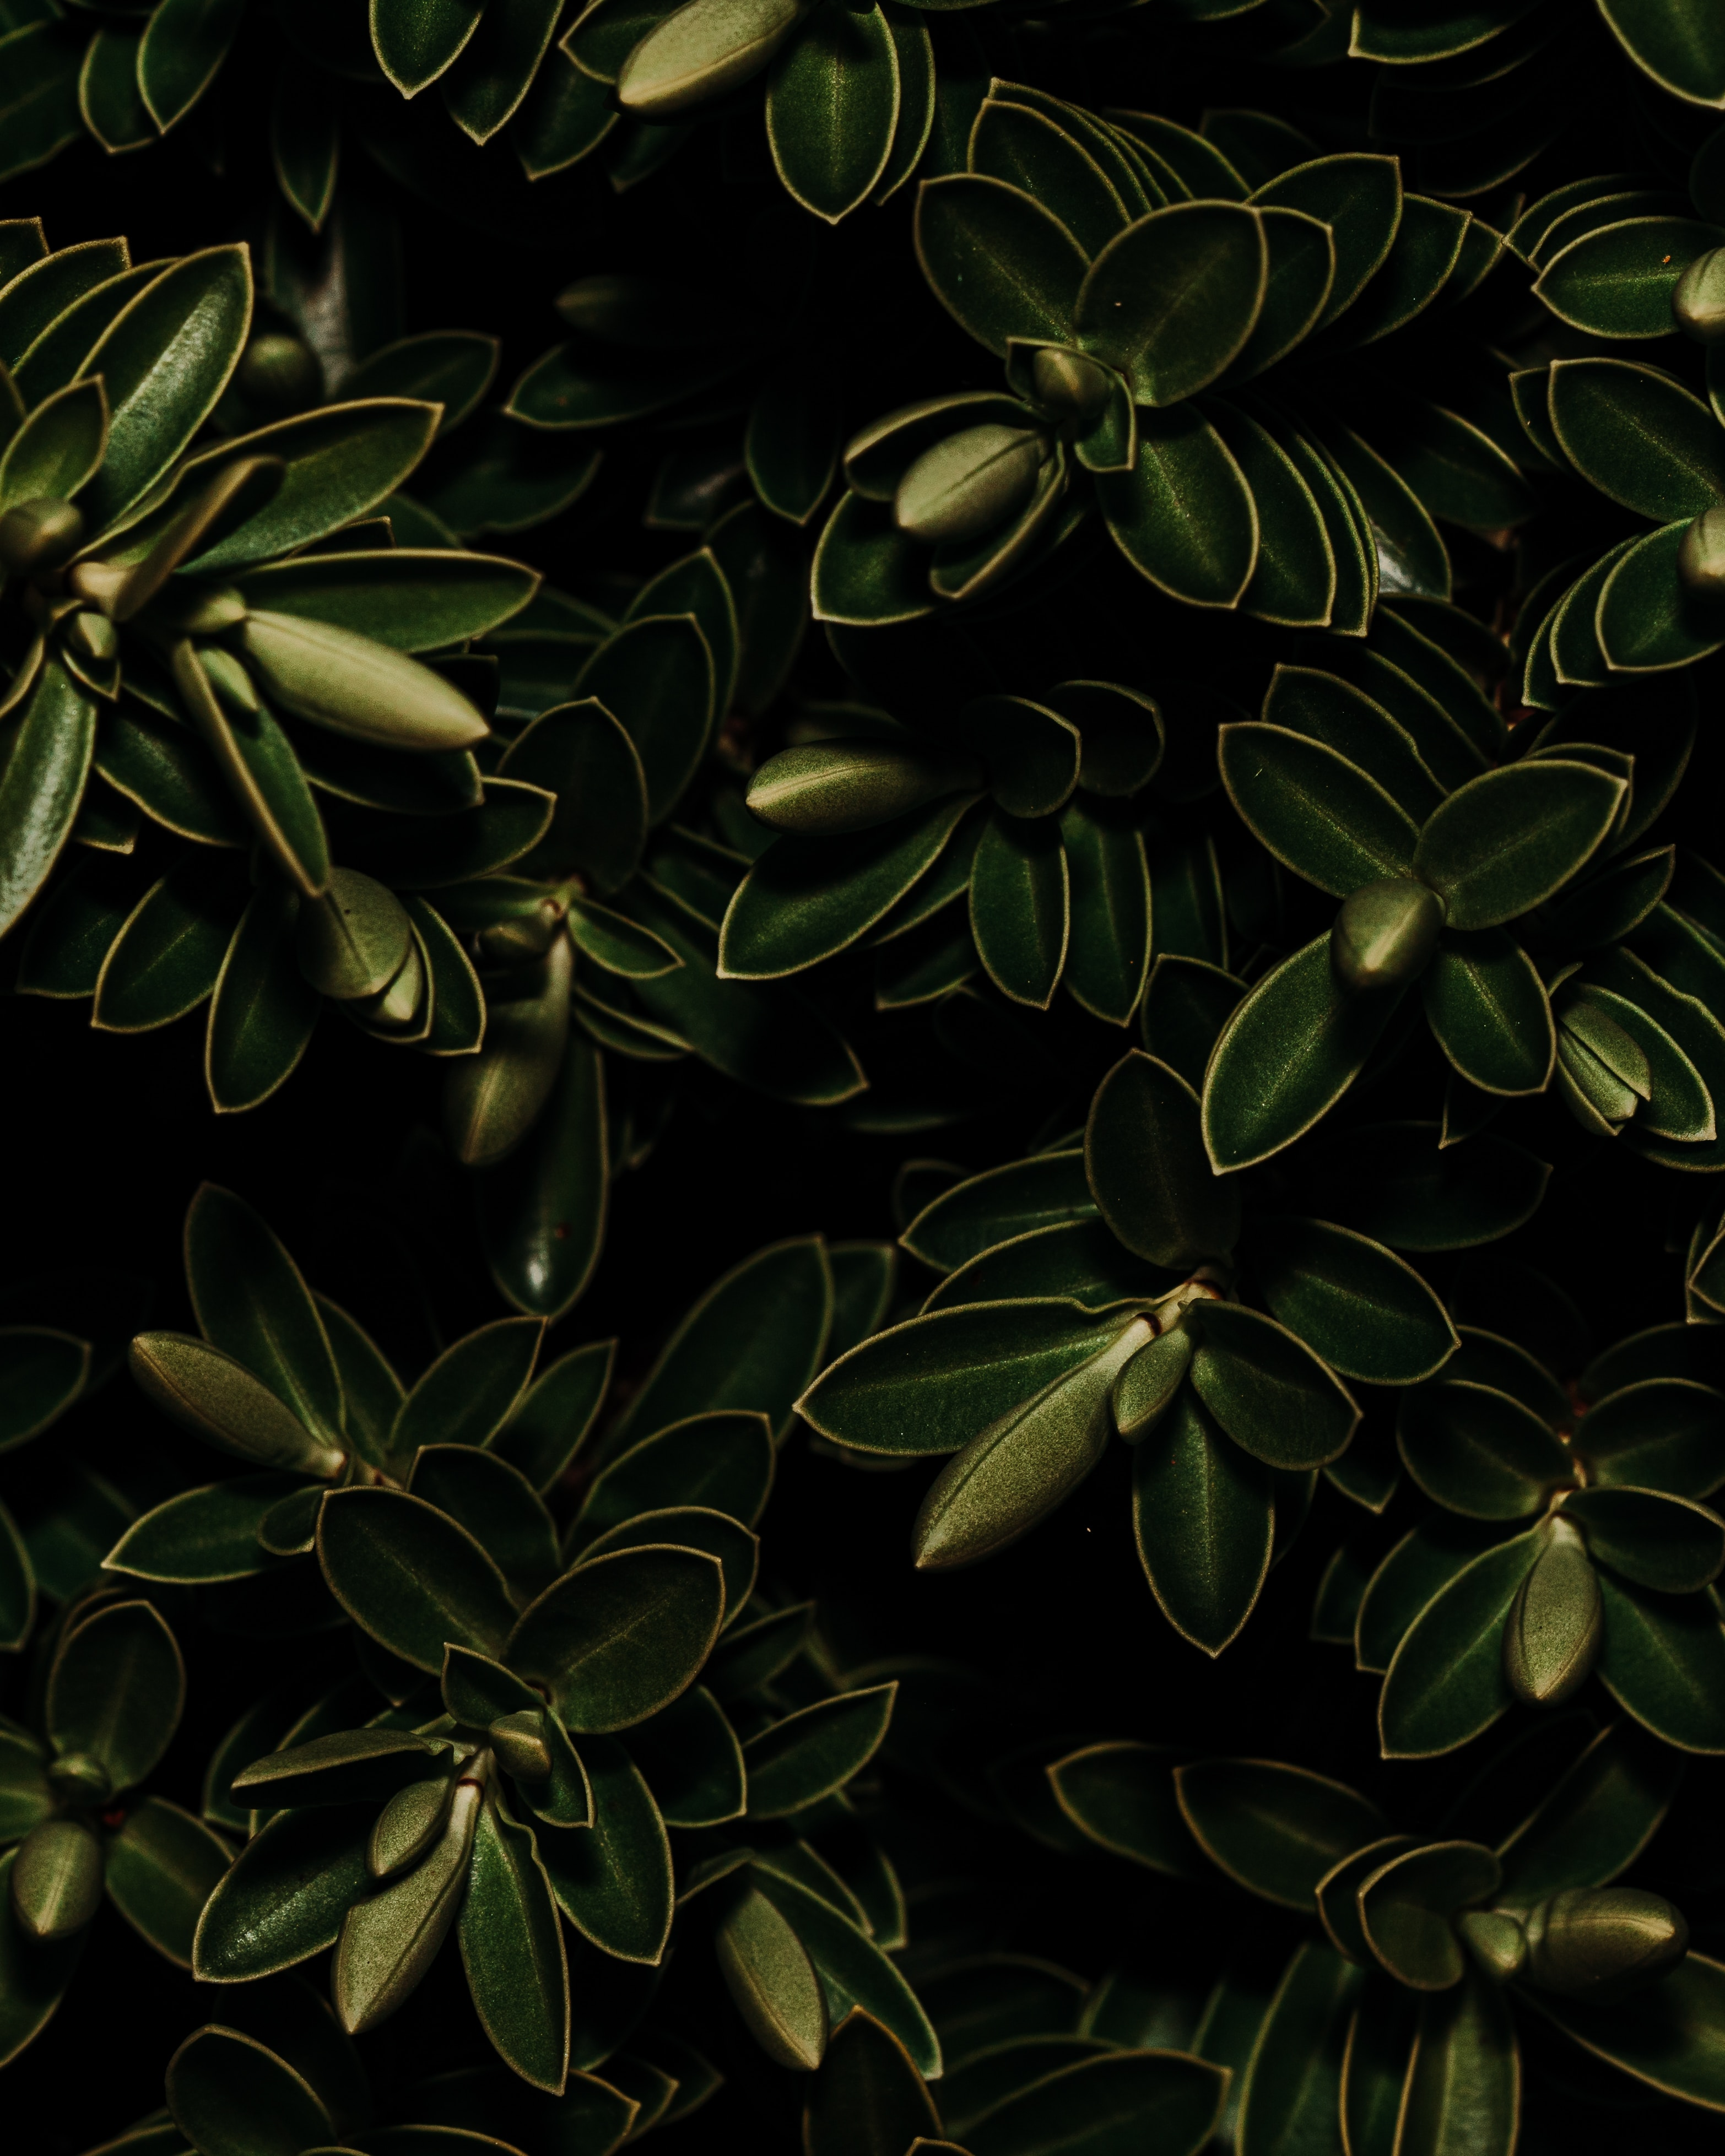 102461 Hintergrundbild herunterladen Pflanzen, Blätter, Makro, Dunkel - Bildschirmschoner und Bilder kostenlos